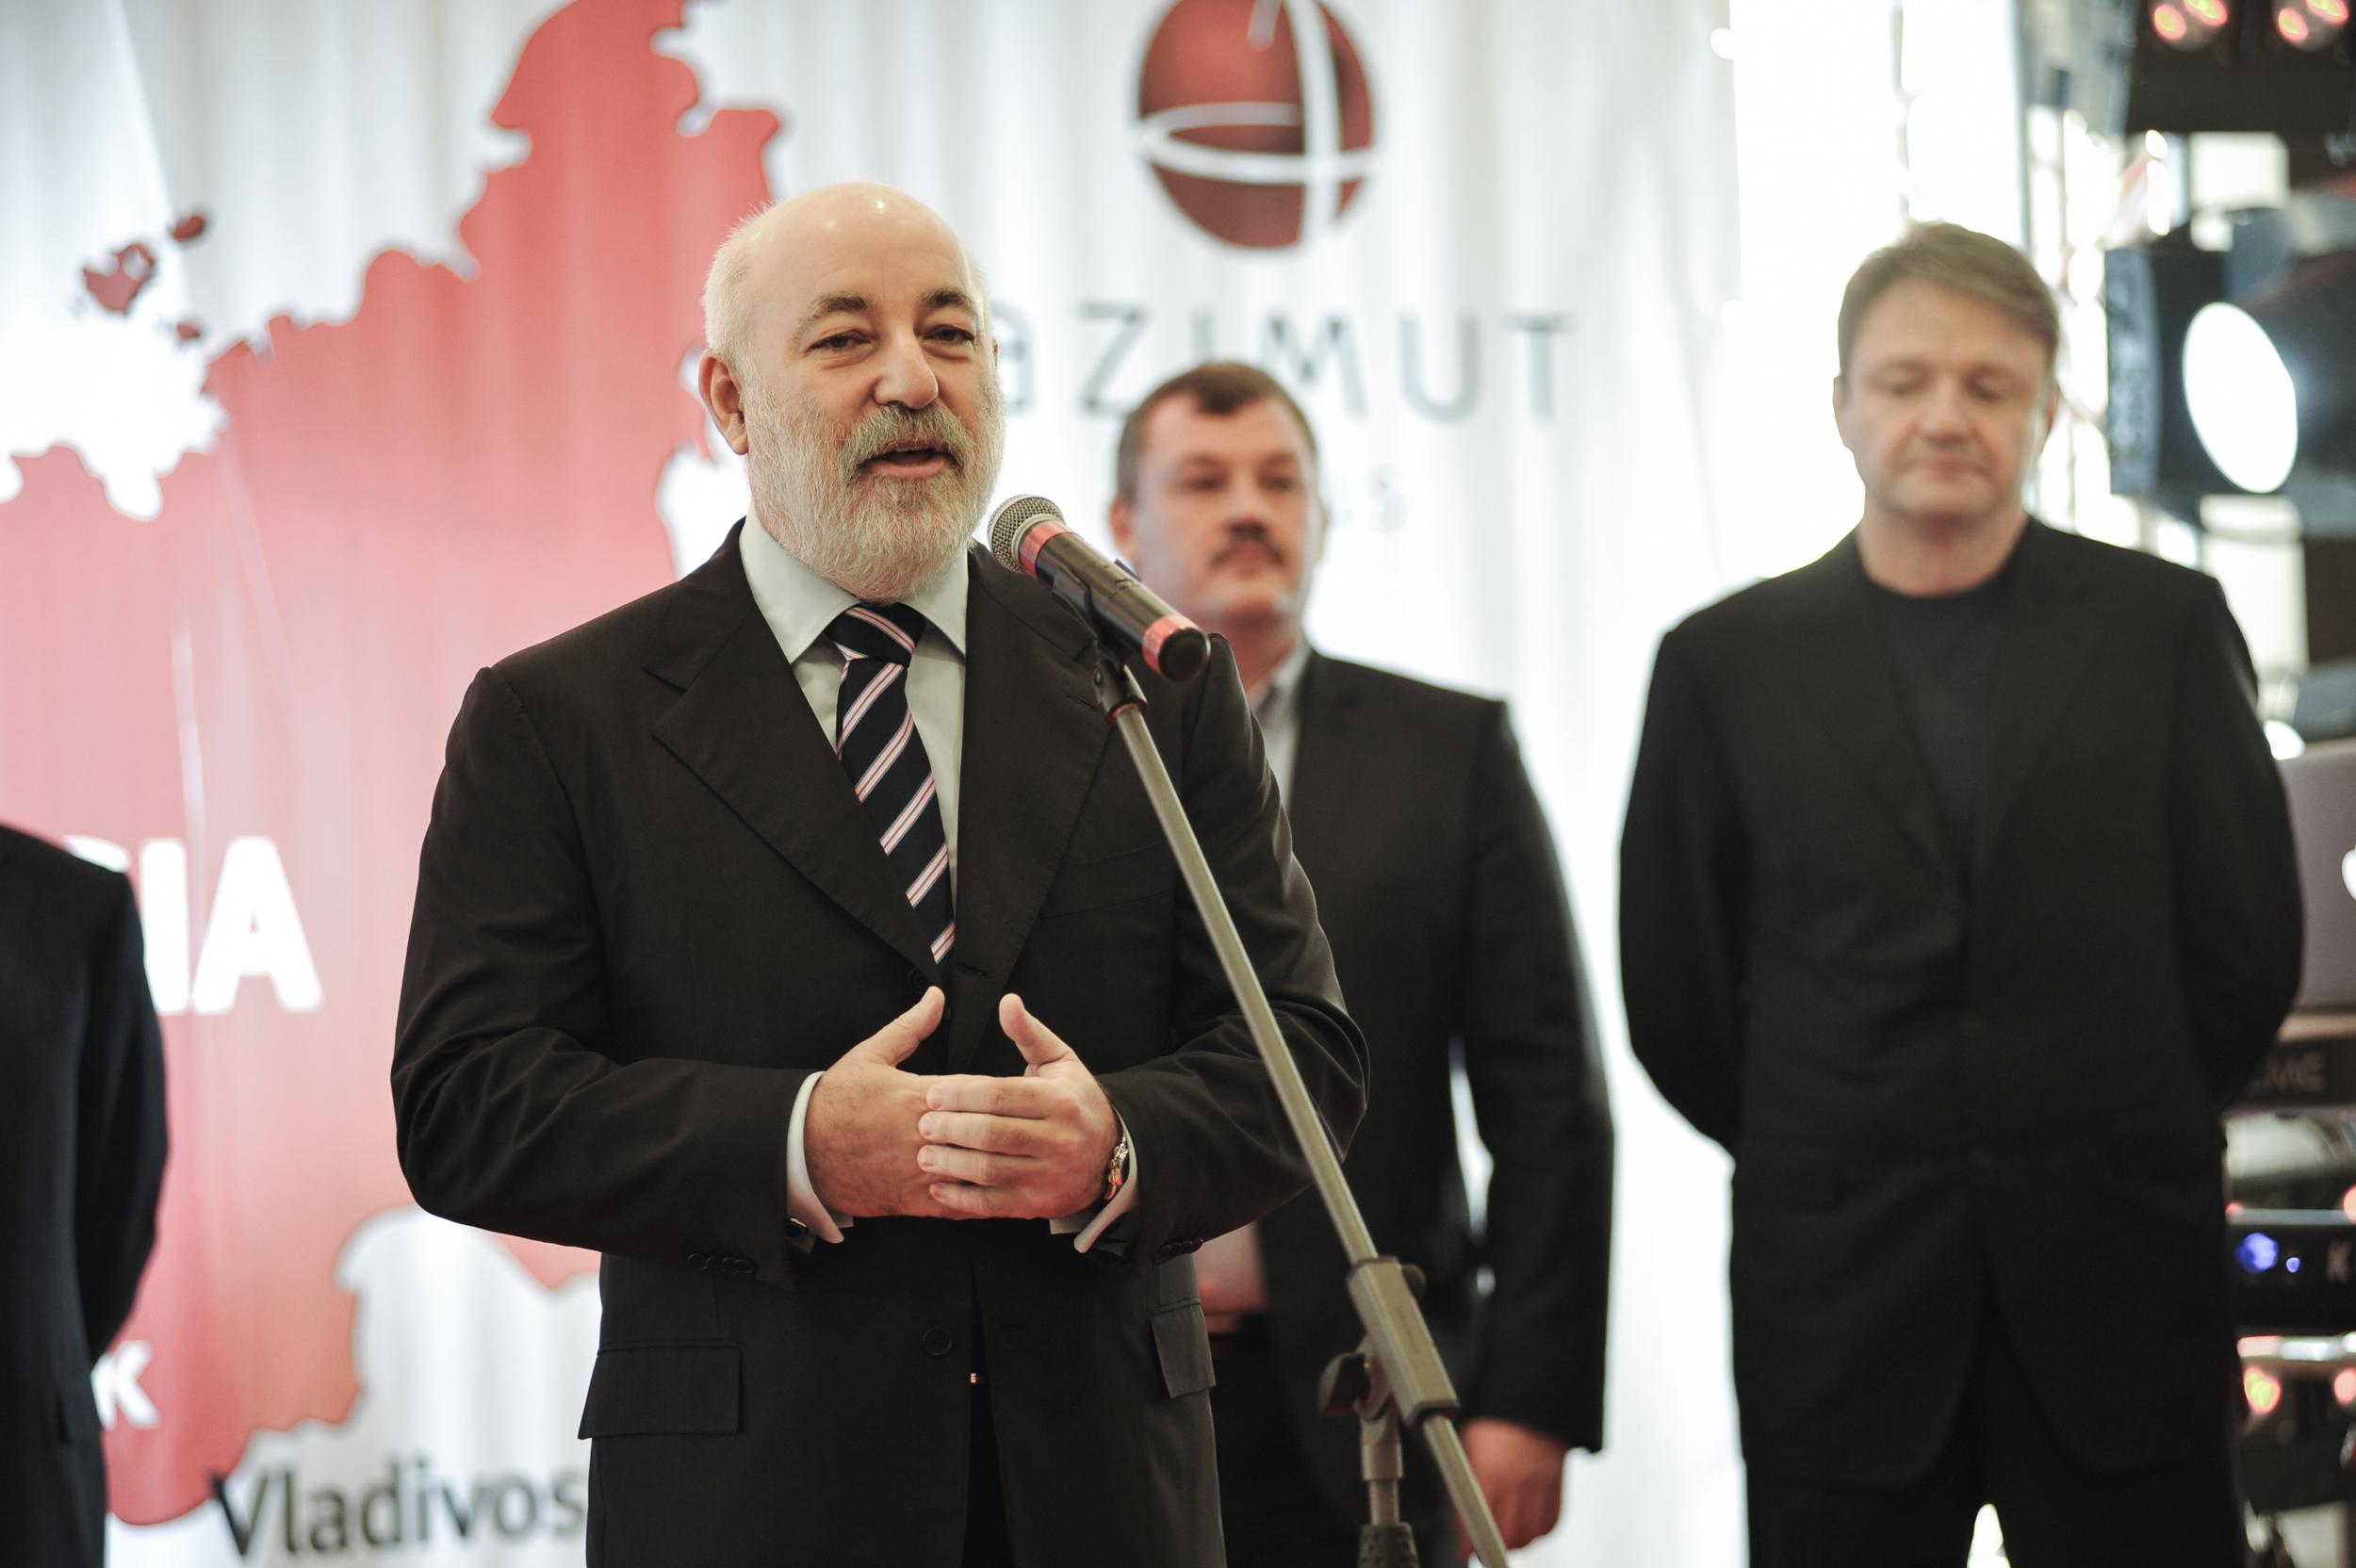 Виктор Вексельберг, Председатель Совета директоров Группы компаний Ренова